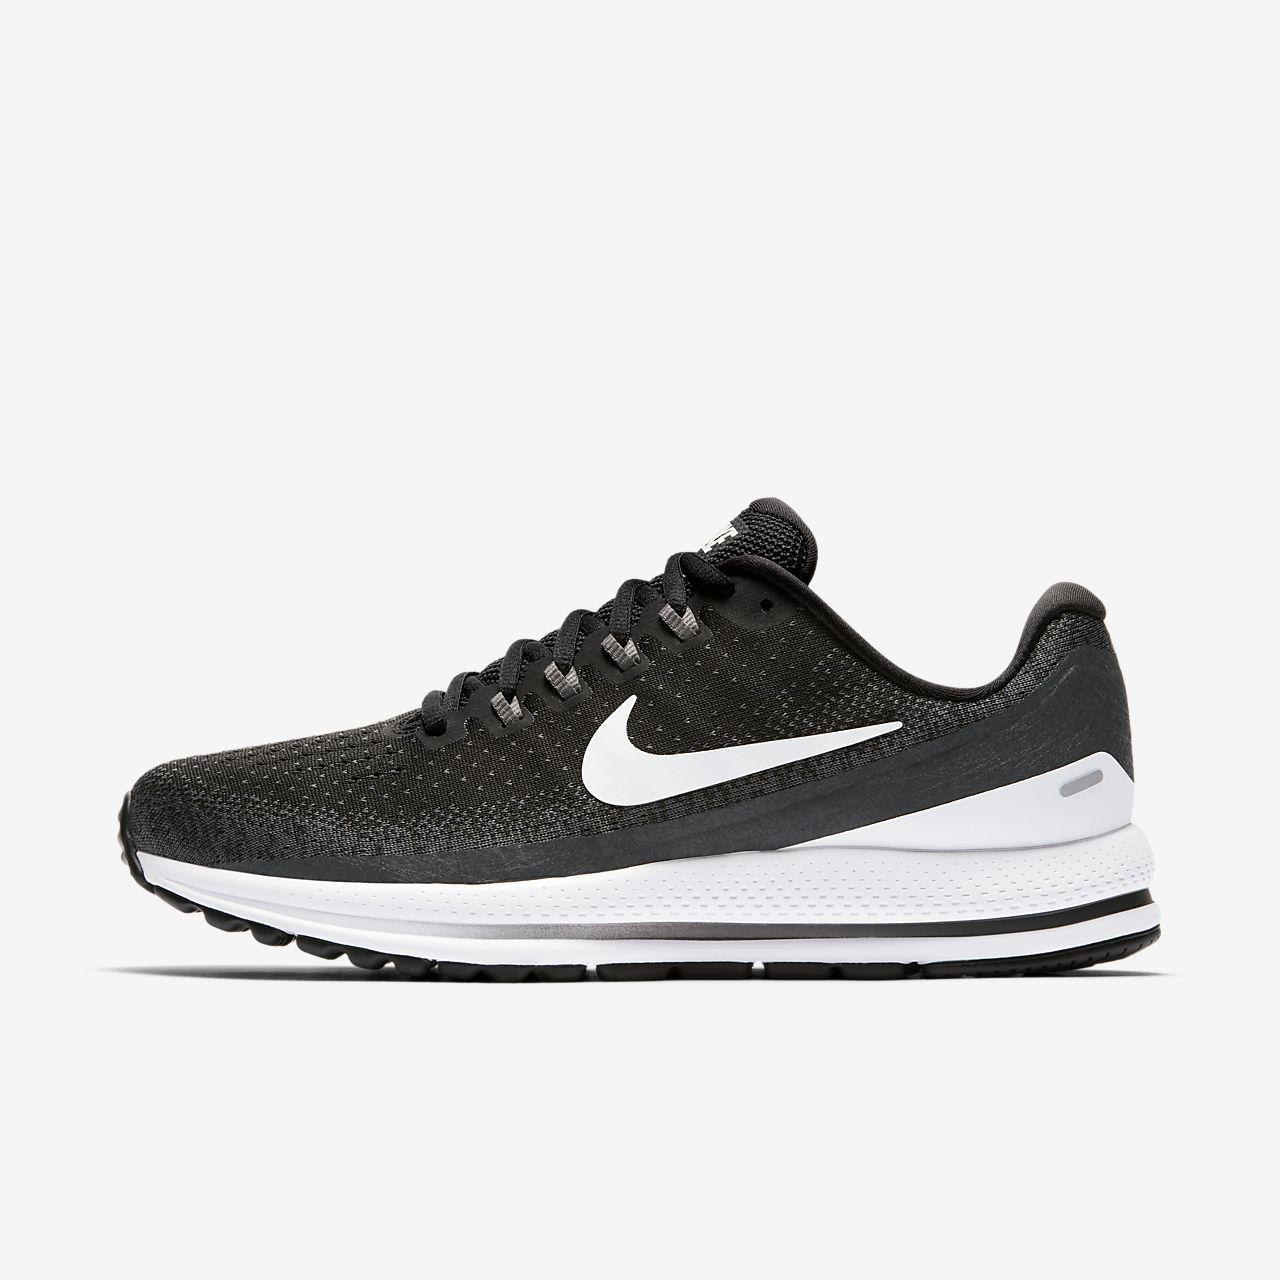 Chaussures running nike vomero 7